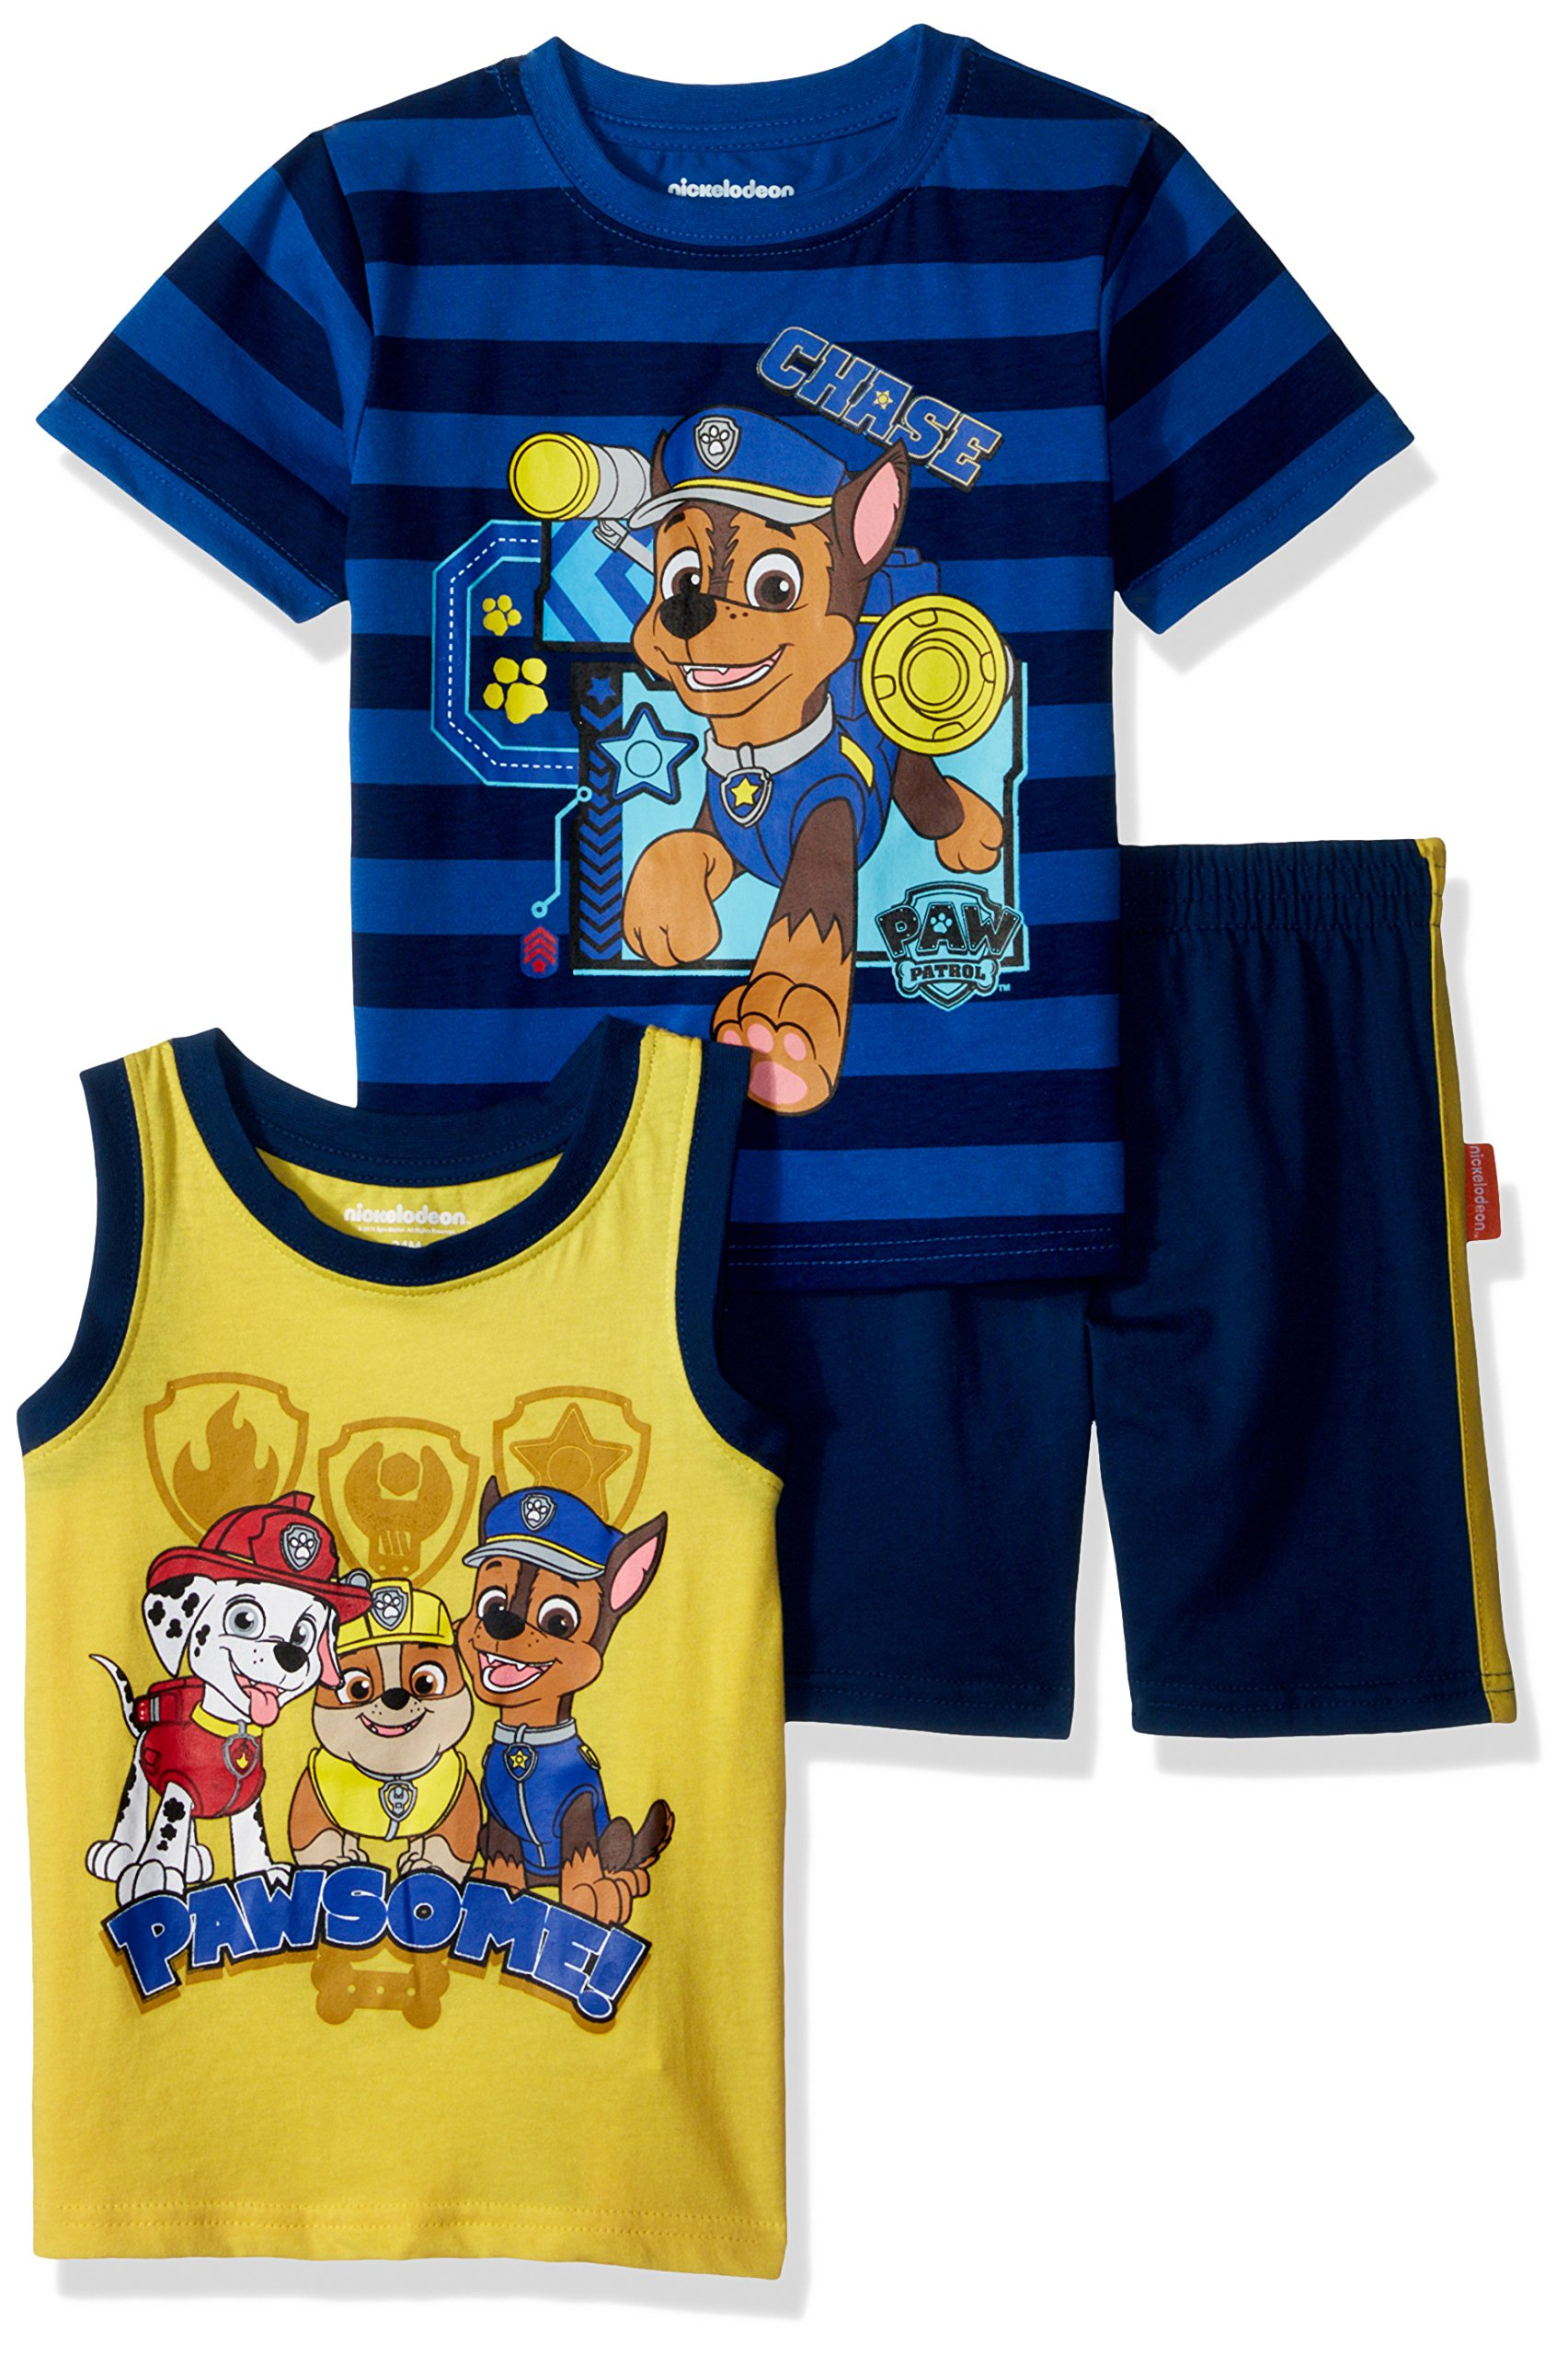 Nickelodeon Toddler Boys' Paw Patrol 3 Piece Short Set, Blue, 2T